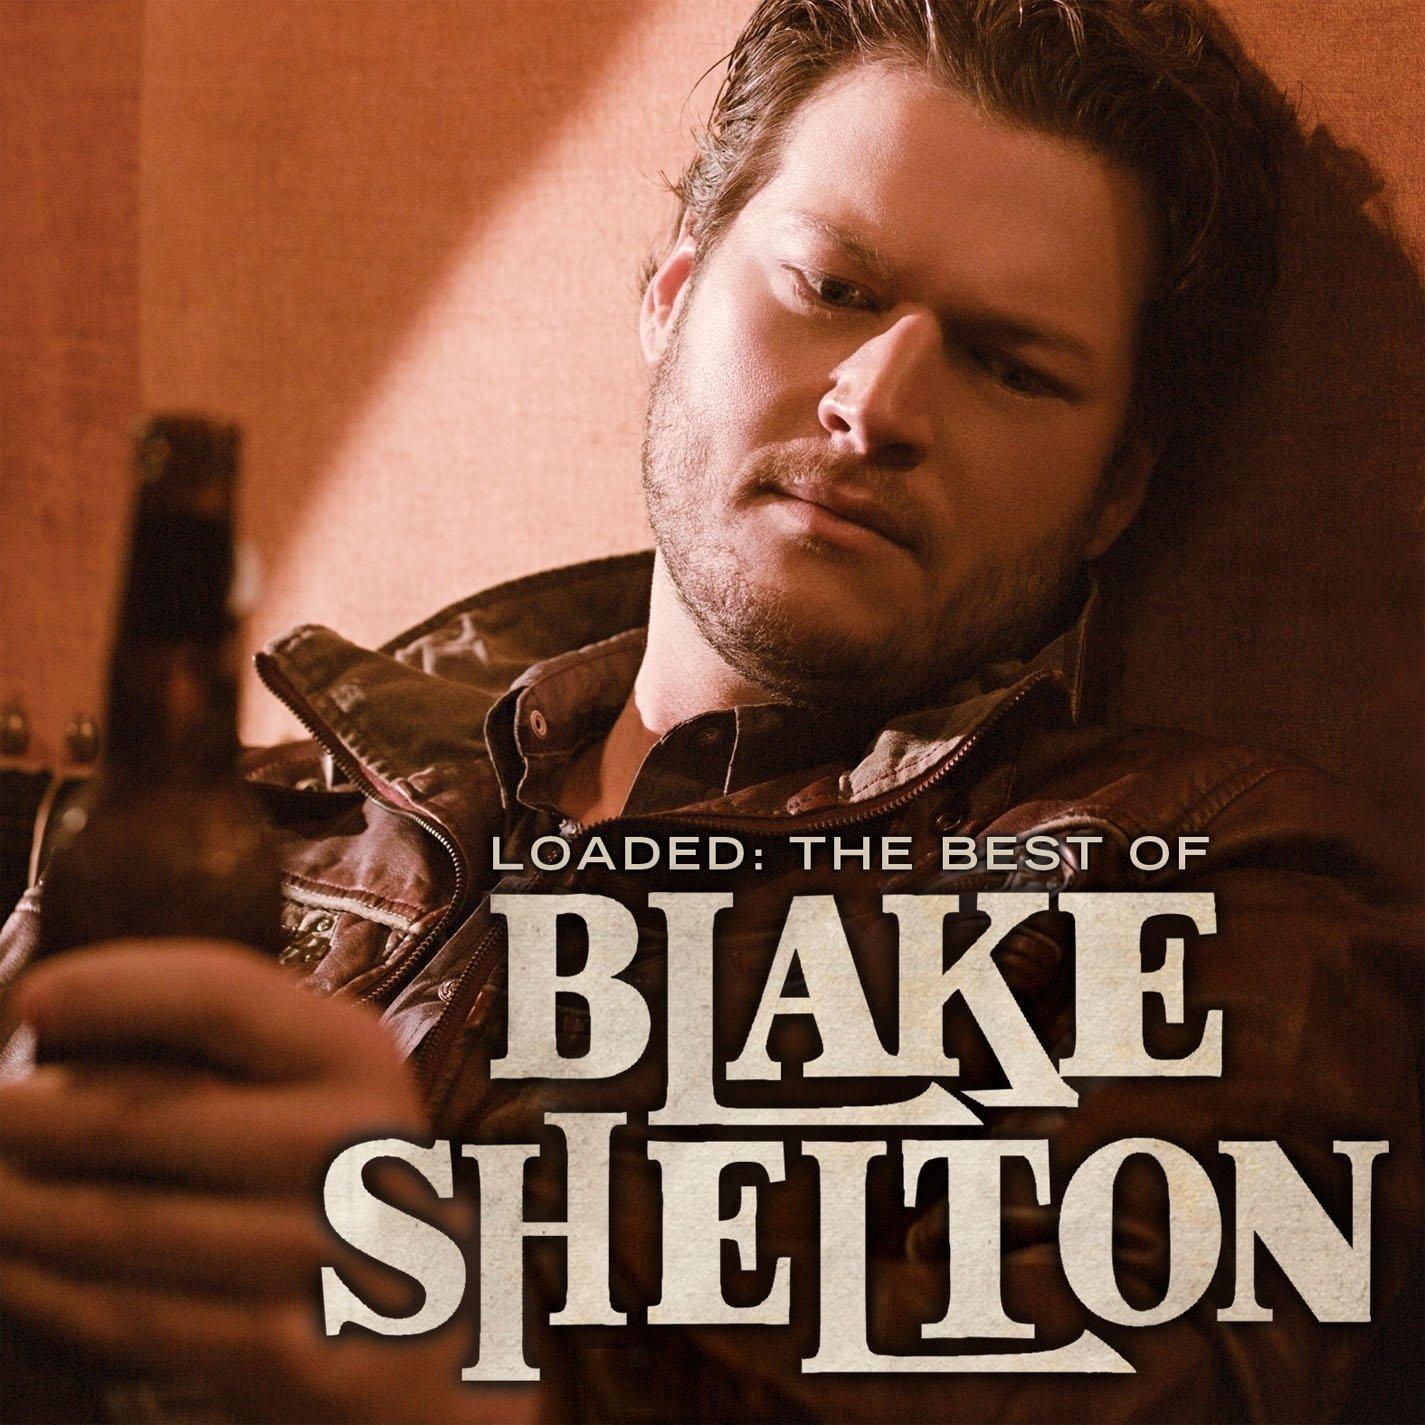 Loaded: The Best of Blake Shelton (Vinyl)